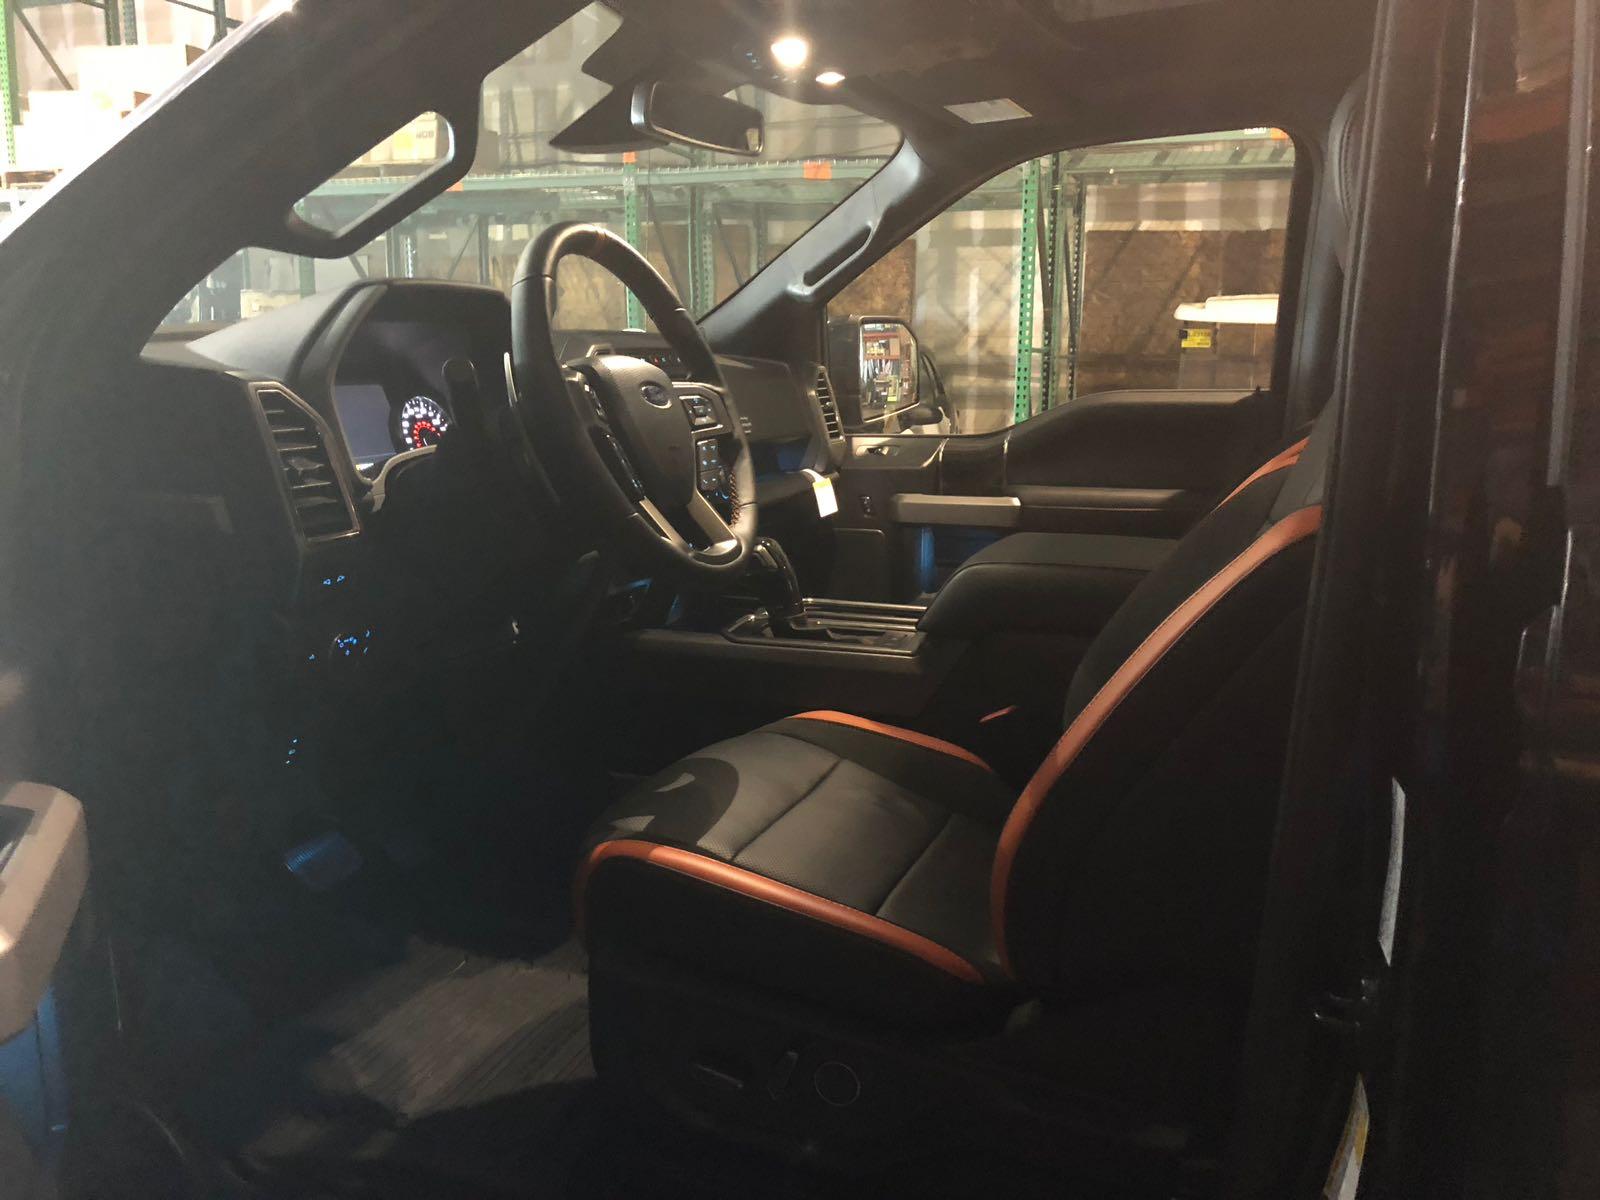 VelociRaptor tem cabine com bancos de couro preto com detalhes vermelhos e muito conforto a bordo